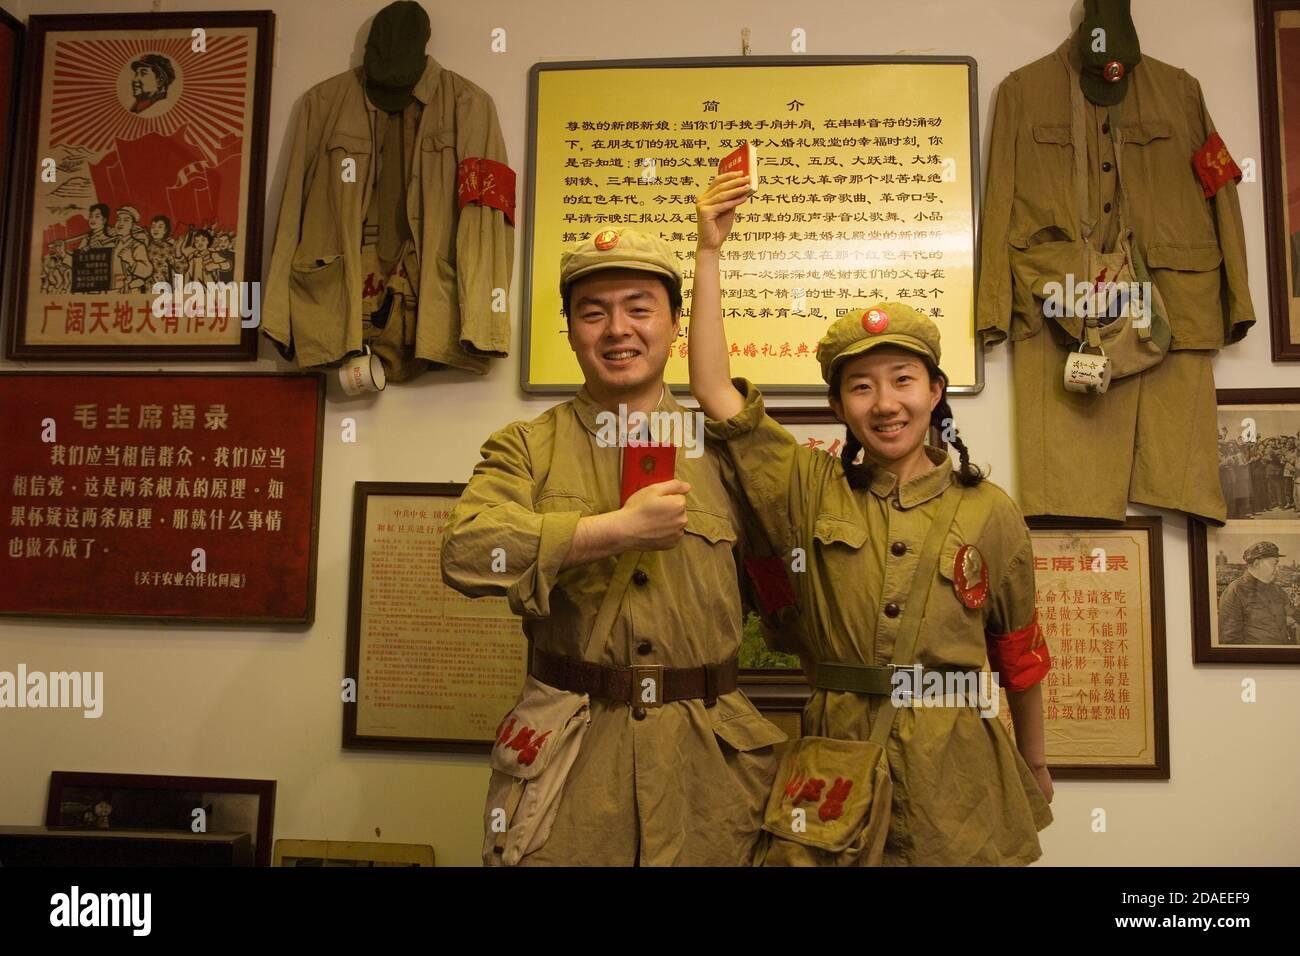 BEIJING, CHINE - JUIN 2006 : Li Bin, 28 ans, un employé de banque et sa mariée Shi Yang, 26 ans, un enseignant du secondaire, tient le petit livre rouge de Mao et portent des vêtements authentiques de la Révolution culturelle de la fin des années 1960. Banque D'Images